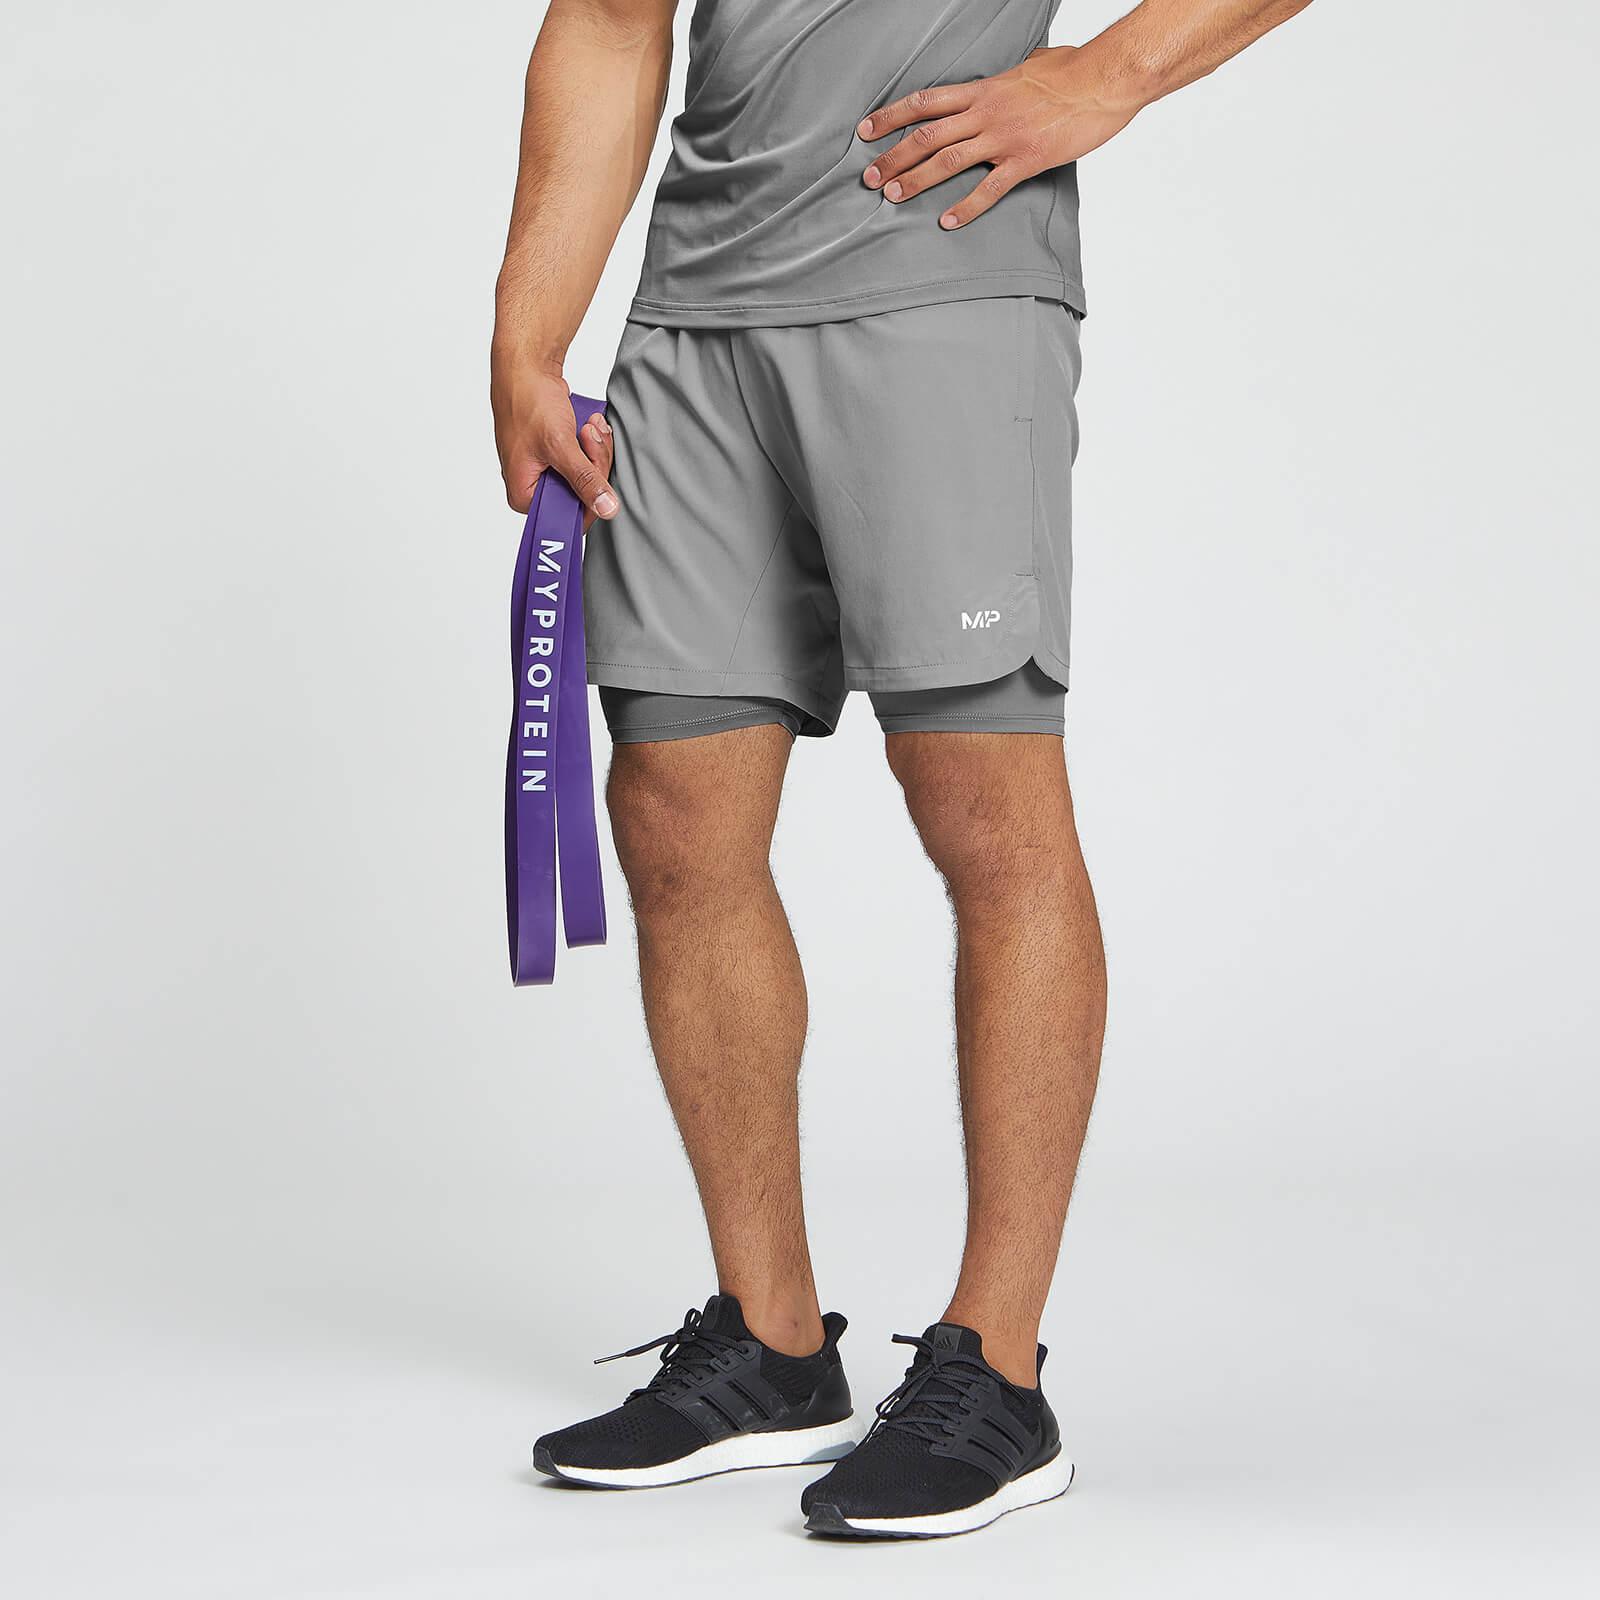 Купить Мужские шорты для тренировок MP Essentials 2 в 1 - XXL, Myprotein International